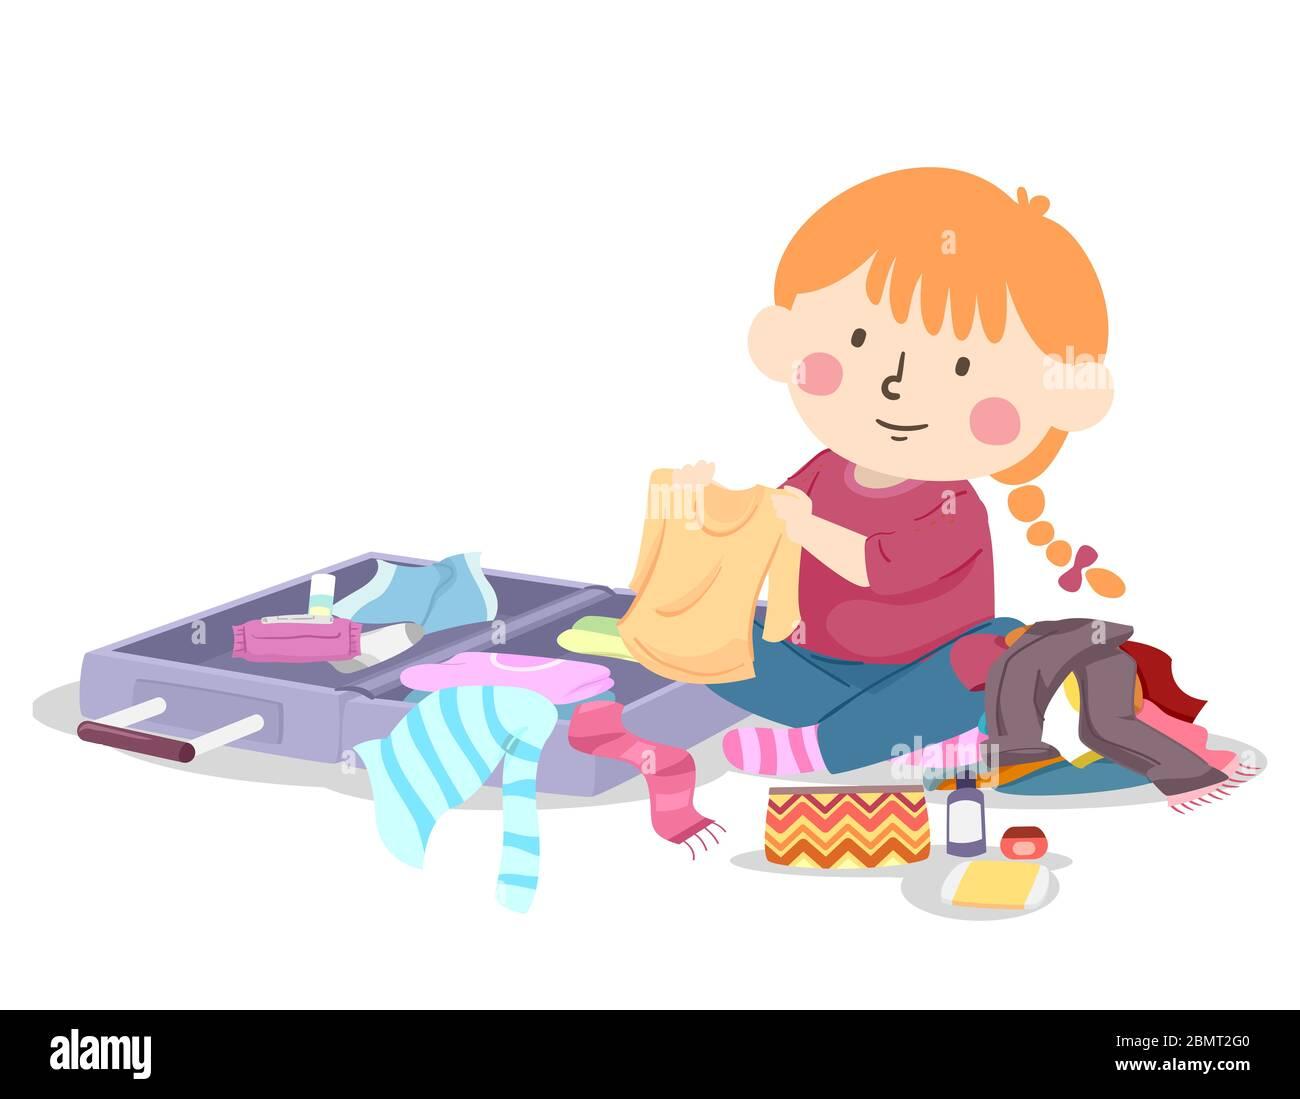 Mädchen Reinigung Einen Tisch Cartoon Lizenzfrei Nutzbare Vektorgrafiken, Clip  Arts, Illustrationen. Image 13131655.